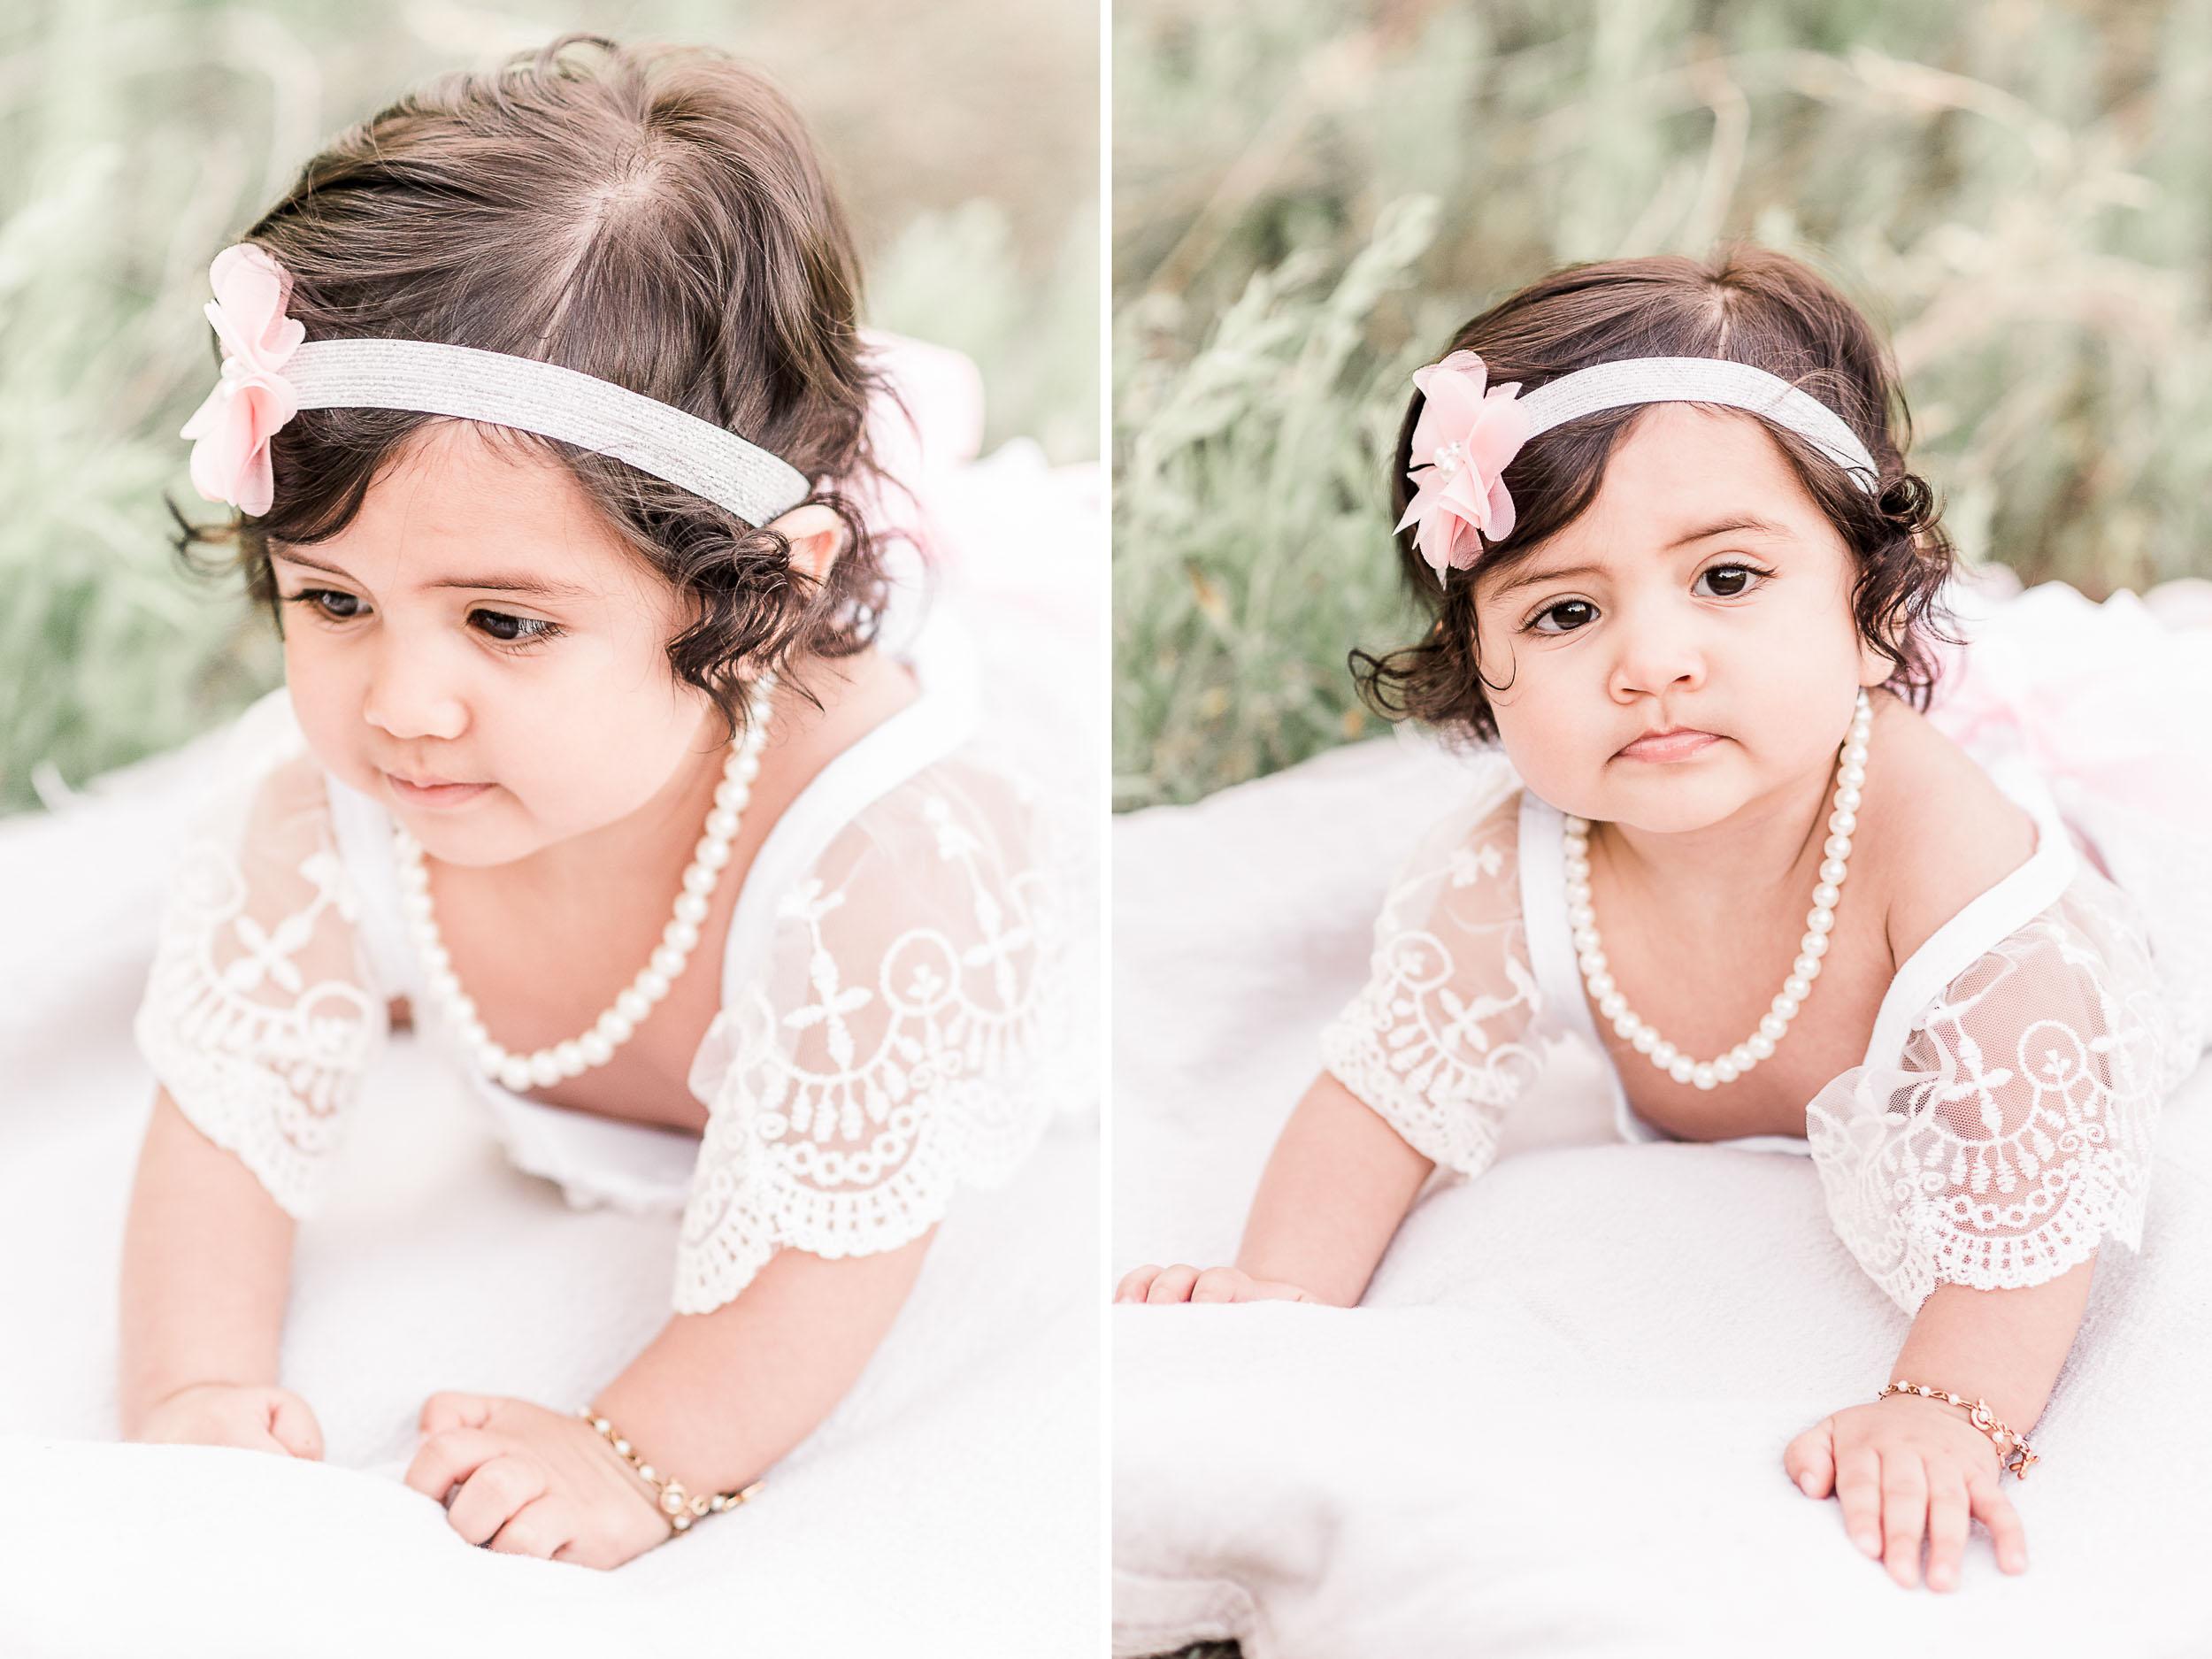 RachaelLaynePhotography_SCfamilyphotographer06-2.jpg